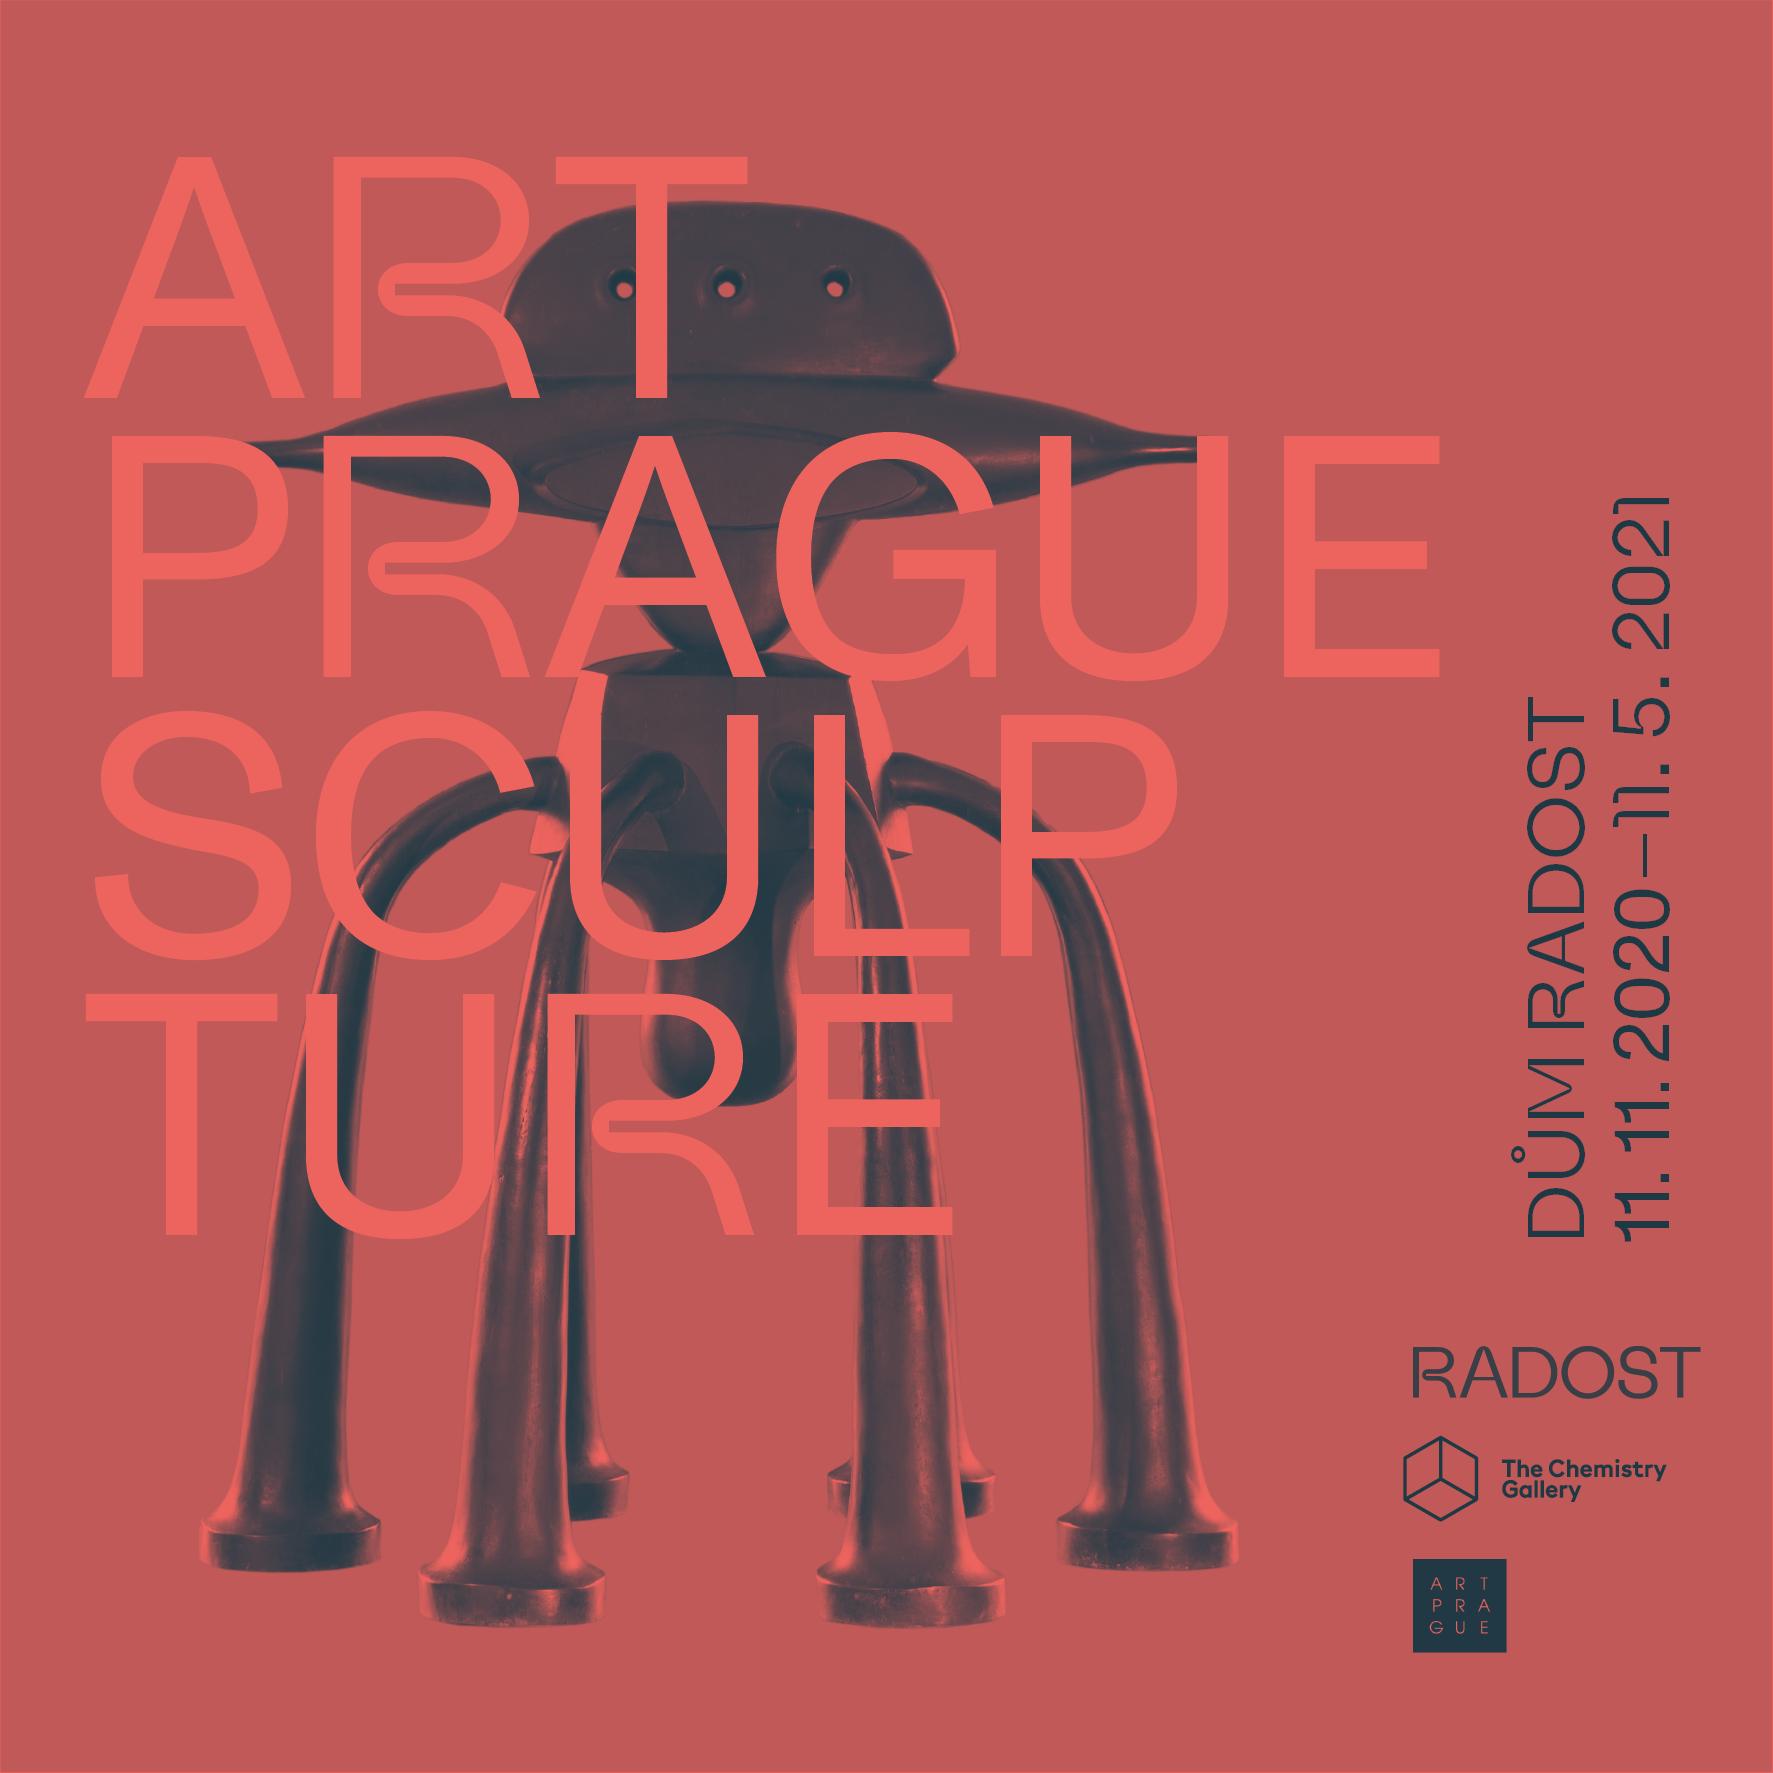 ART PRAGUE SCULPTURE in Radost